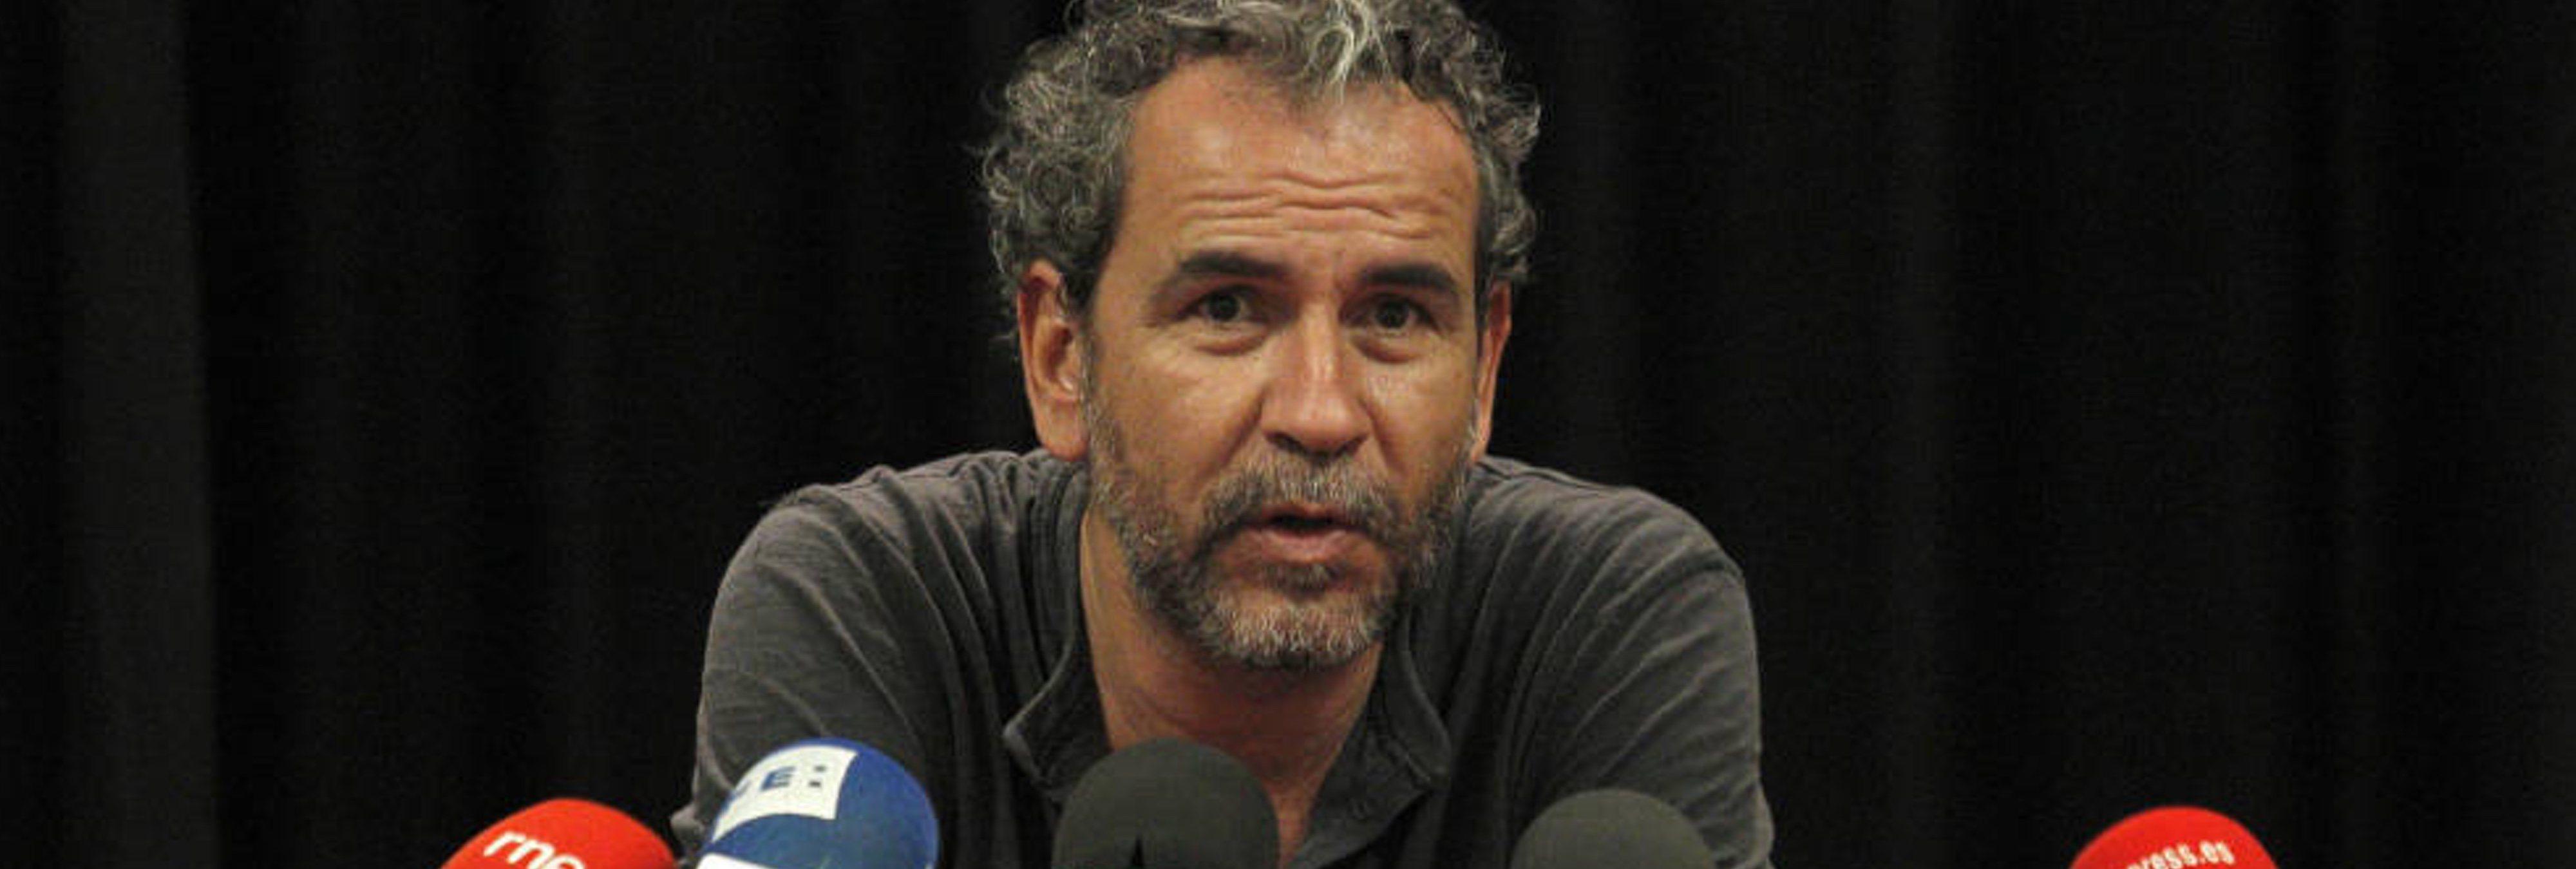 Willy Toledo señala a tres actores españoles que han actuado igual que Harvey Weinstein